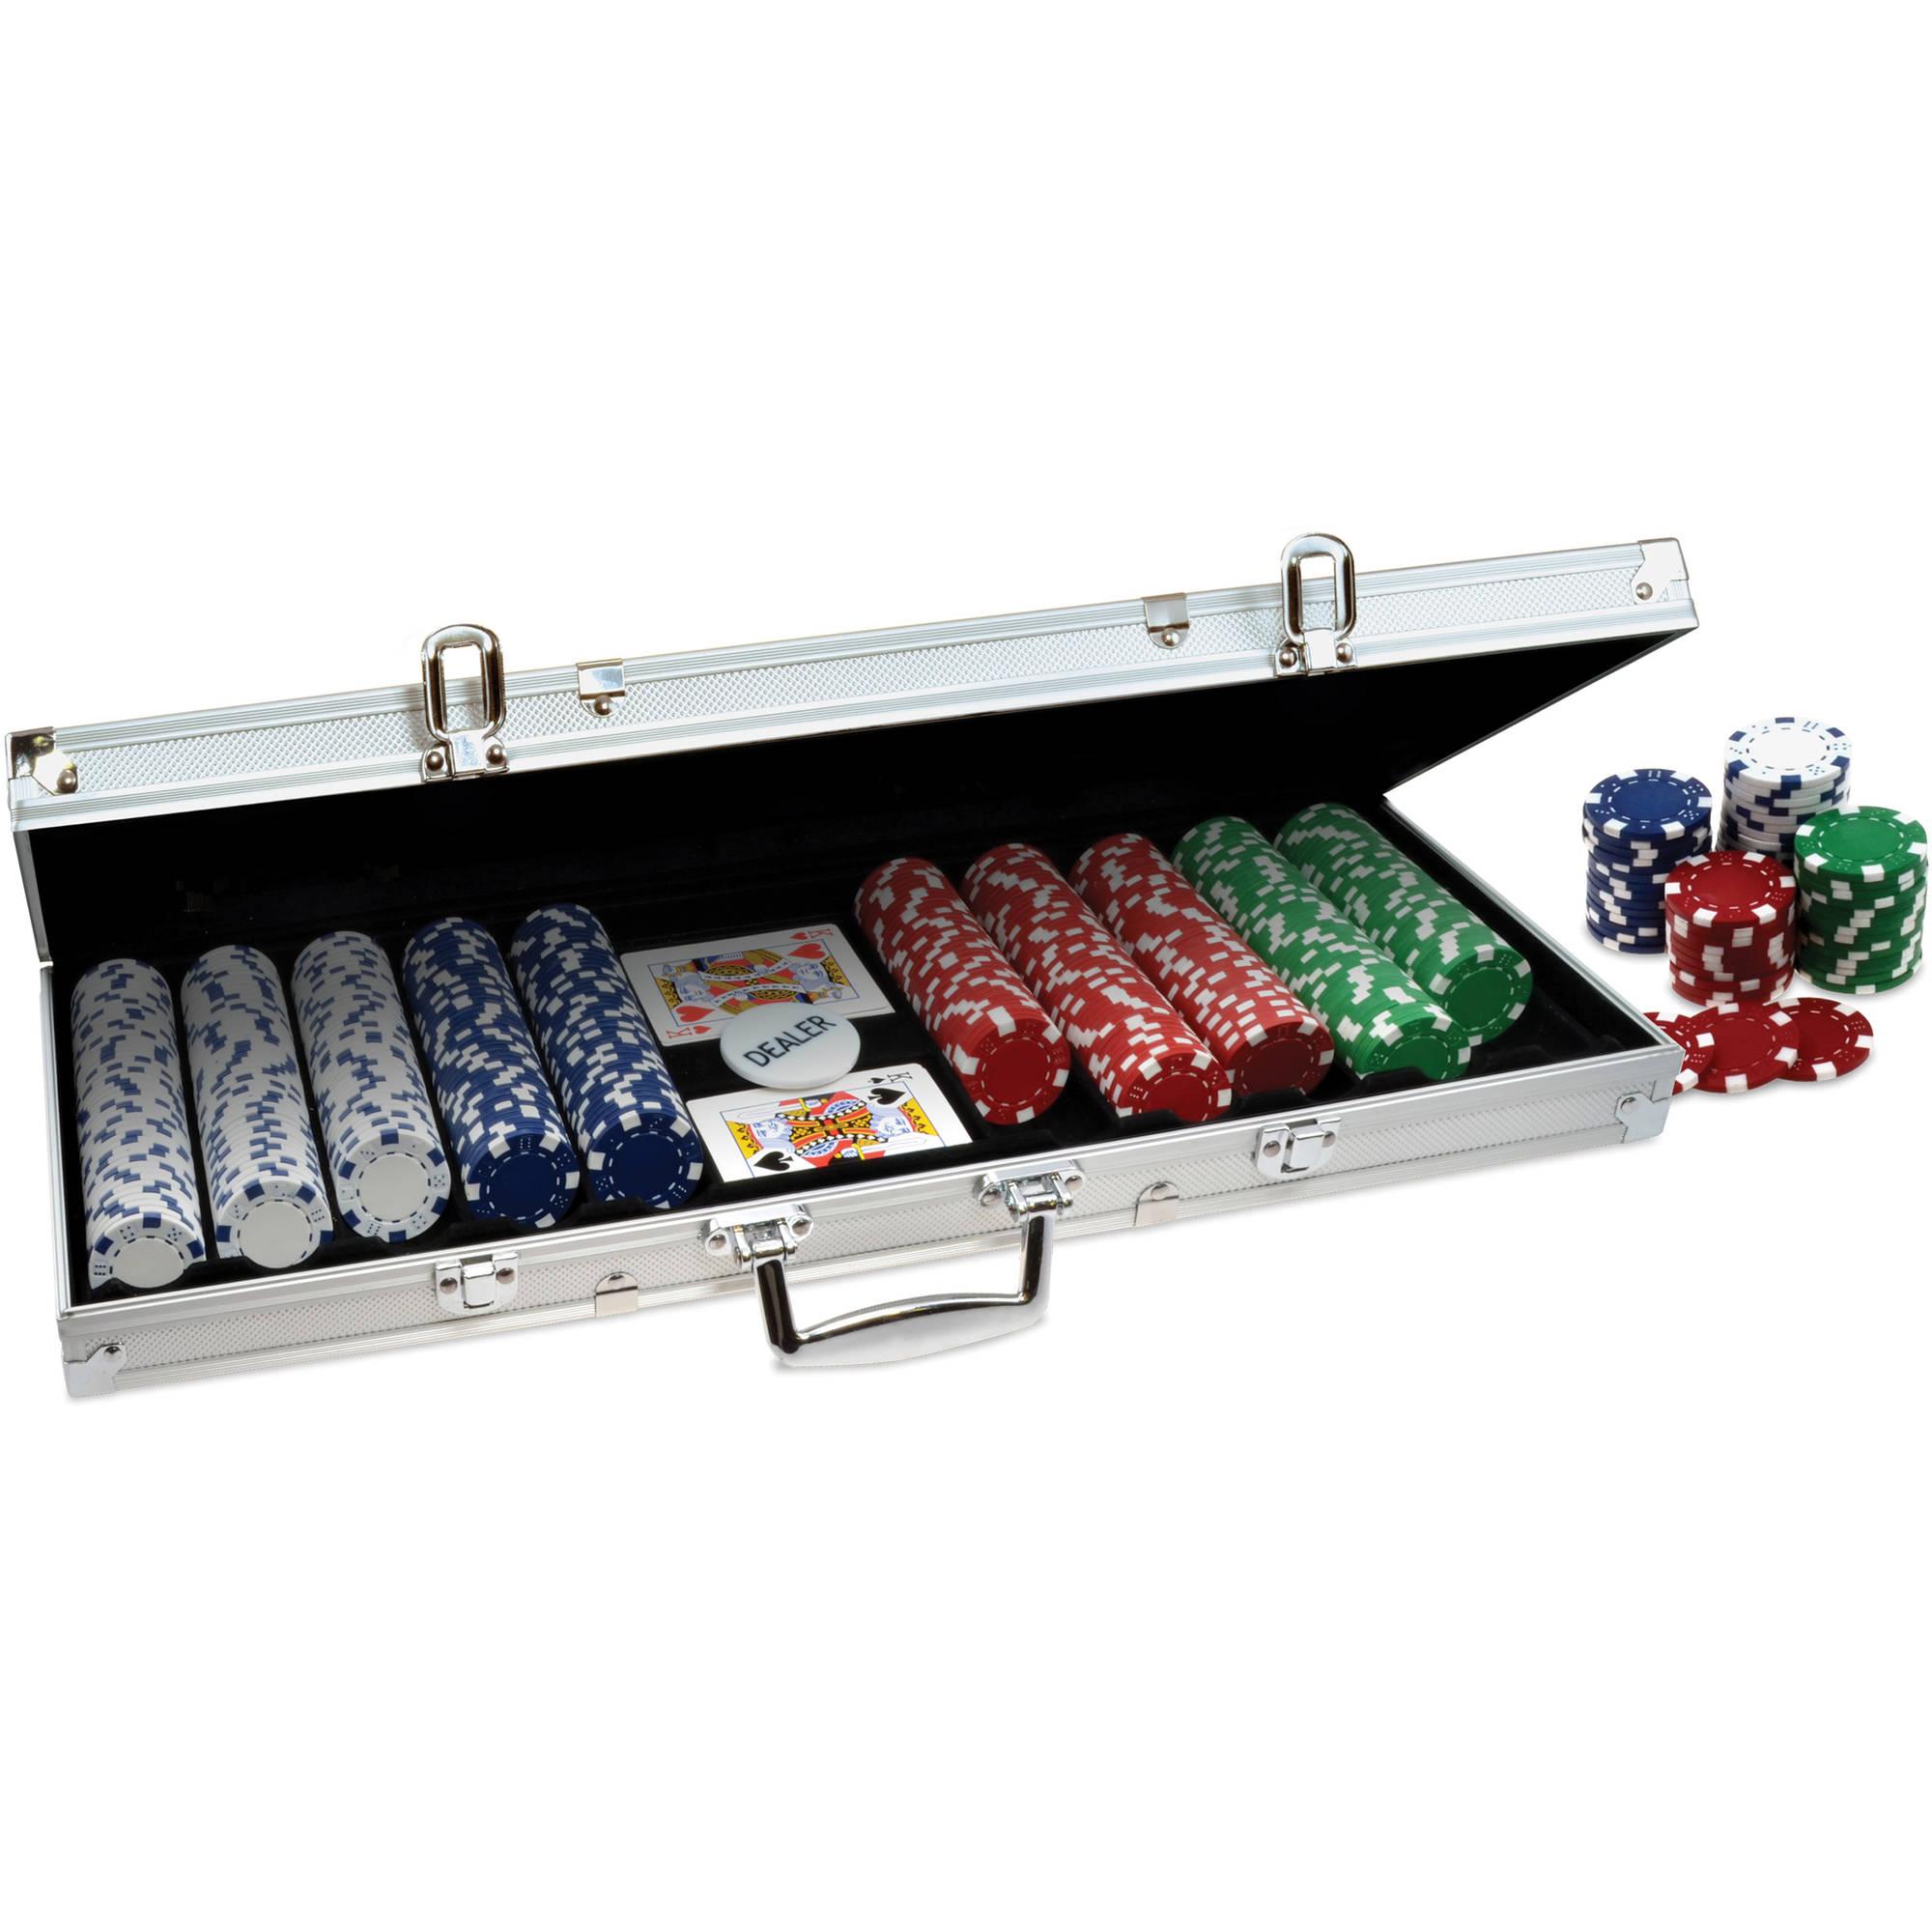 ProPoker 500 11.5g Poker Chips In Aluminum Case